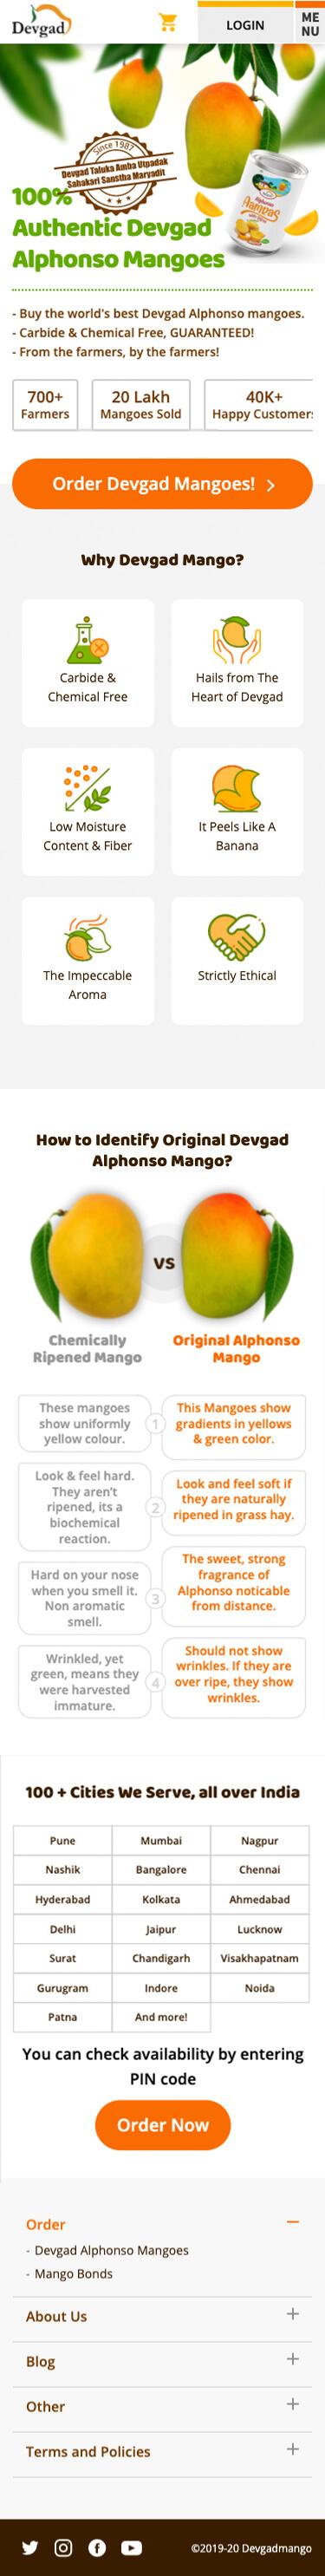 Devgad Mango Website by PugMarker